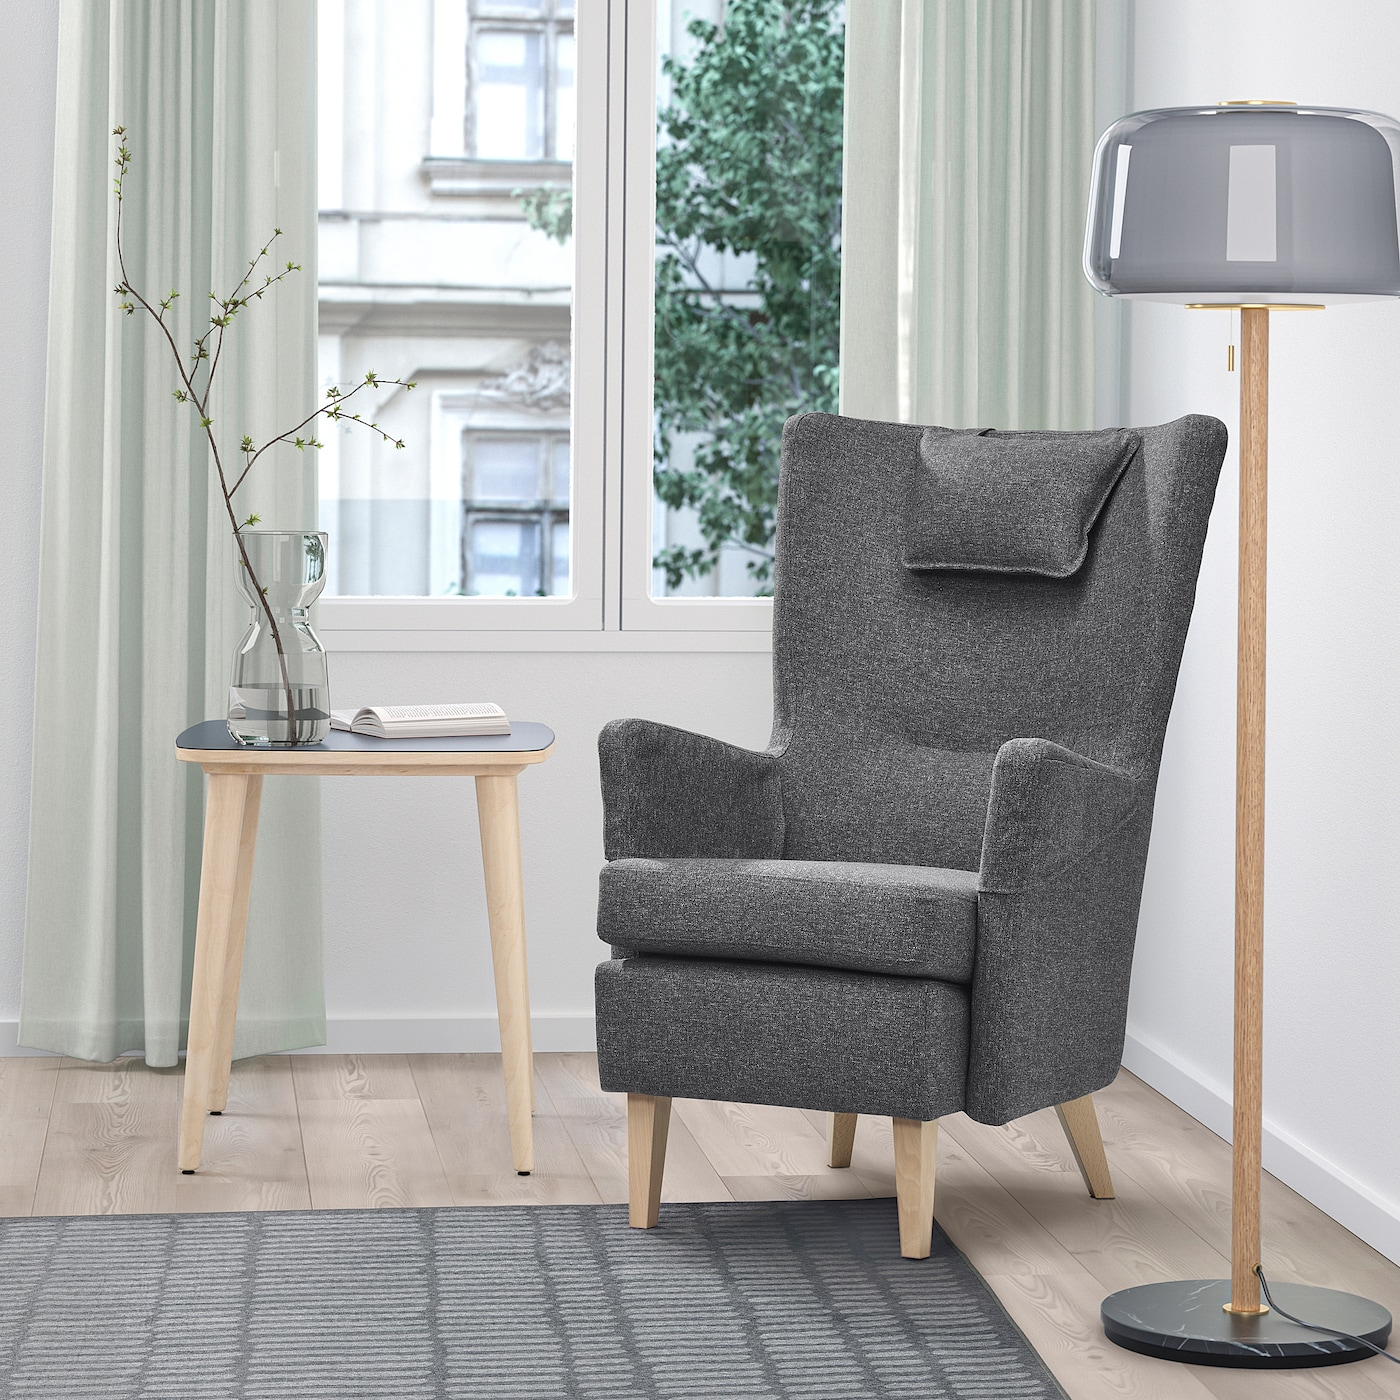 OMTÄNKSAM Armchair, Gunnared dark grey